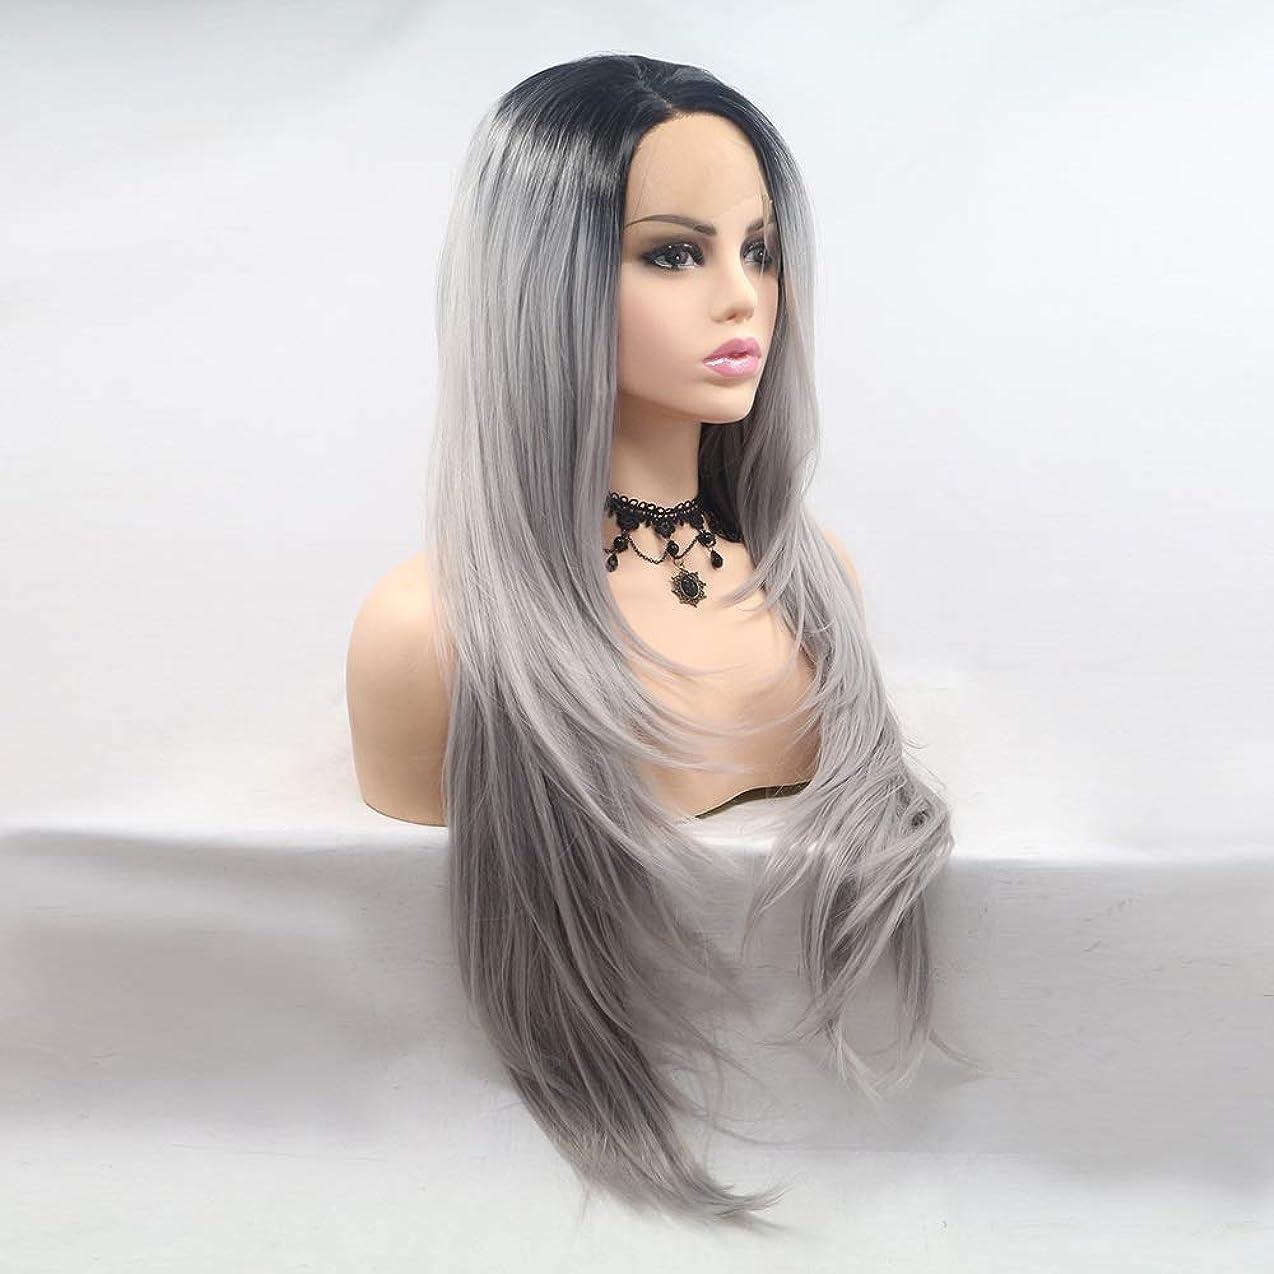 バイオリニストリラックスどう?ZXF ウィッグレディース手作りレースヨーロッパとアメリカのかつらはかつら髪セット - 黒 - グレー - グラデーション - 長いストレートの髪 - 重ね着で設定します 美しい